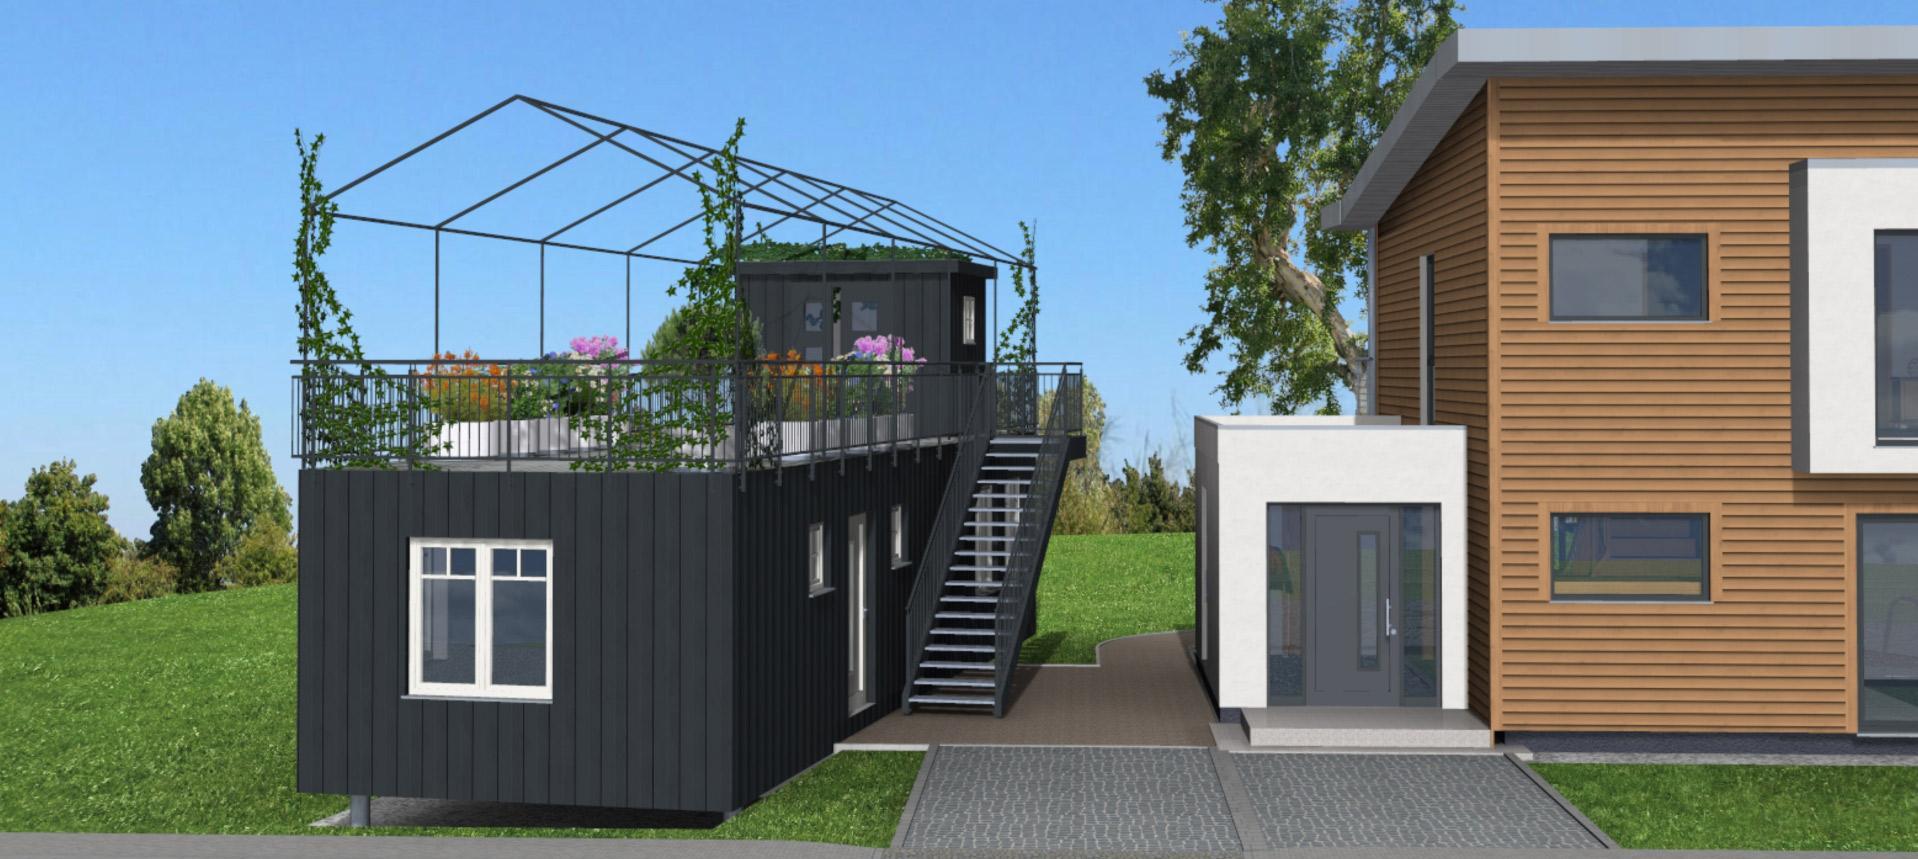 Full Size of Barrierefreie Küche Ikea Green Living Space Kooperation Mit Und Zuhausewohnen Einrichten Elektrogeräten Günstig Winkel Modul Kaufen Umziehen Essplatz Wohnzimmer Barrierefreie Küche Ikea